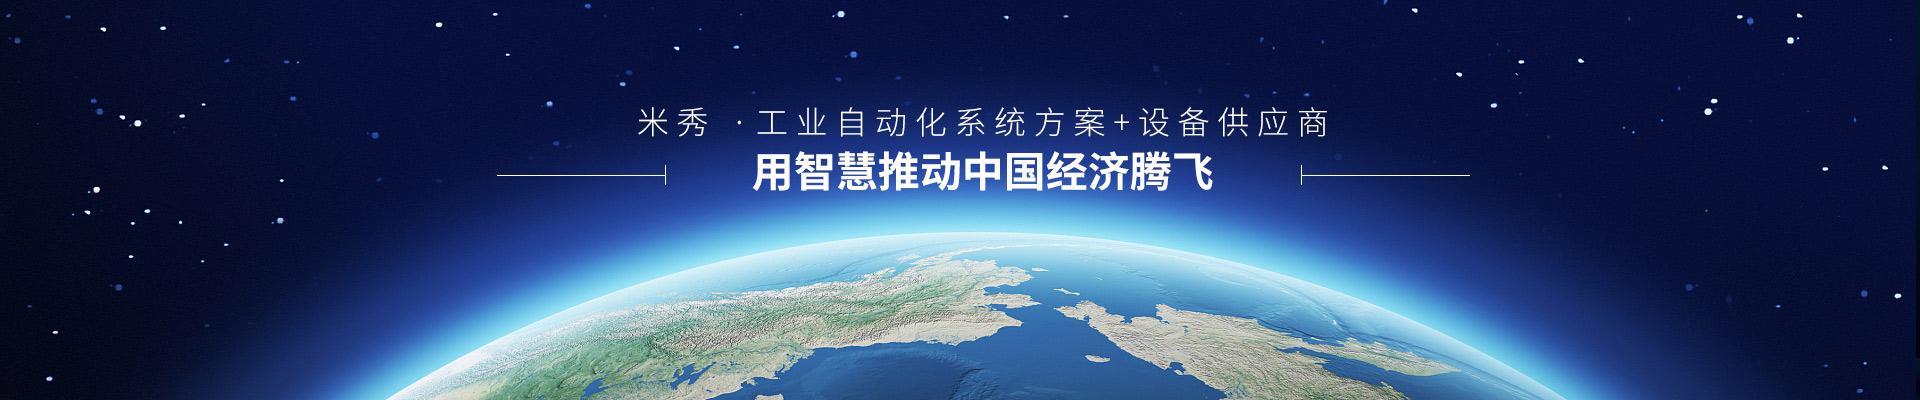 米秀 ·工业自动化系统方案+设备供应商